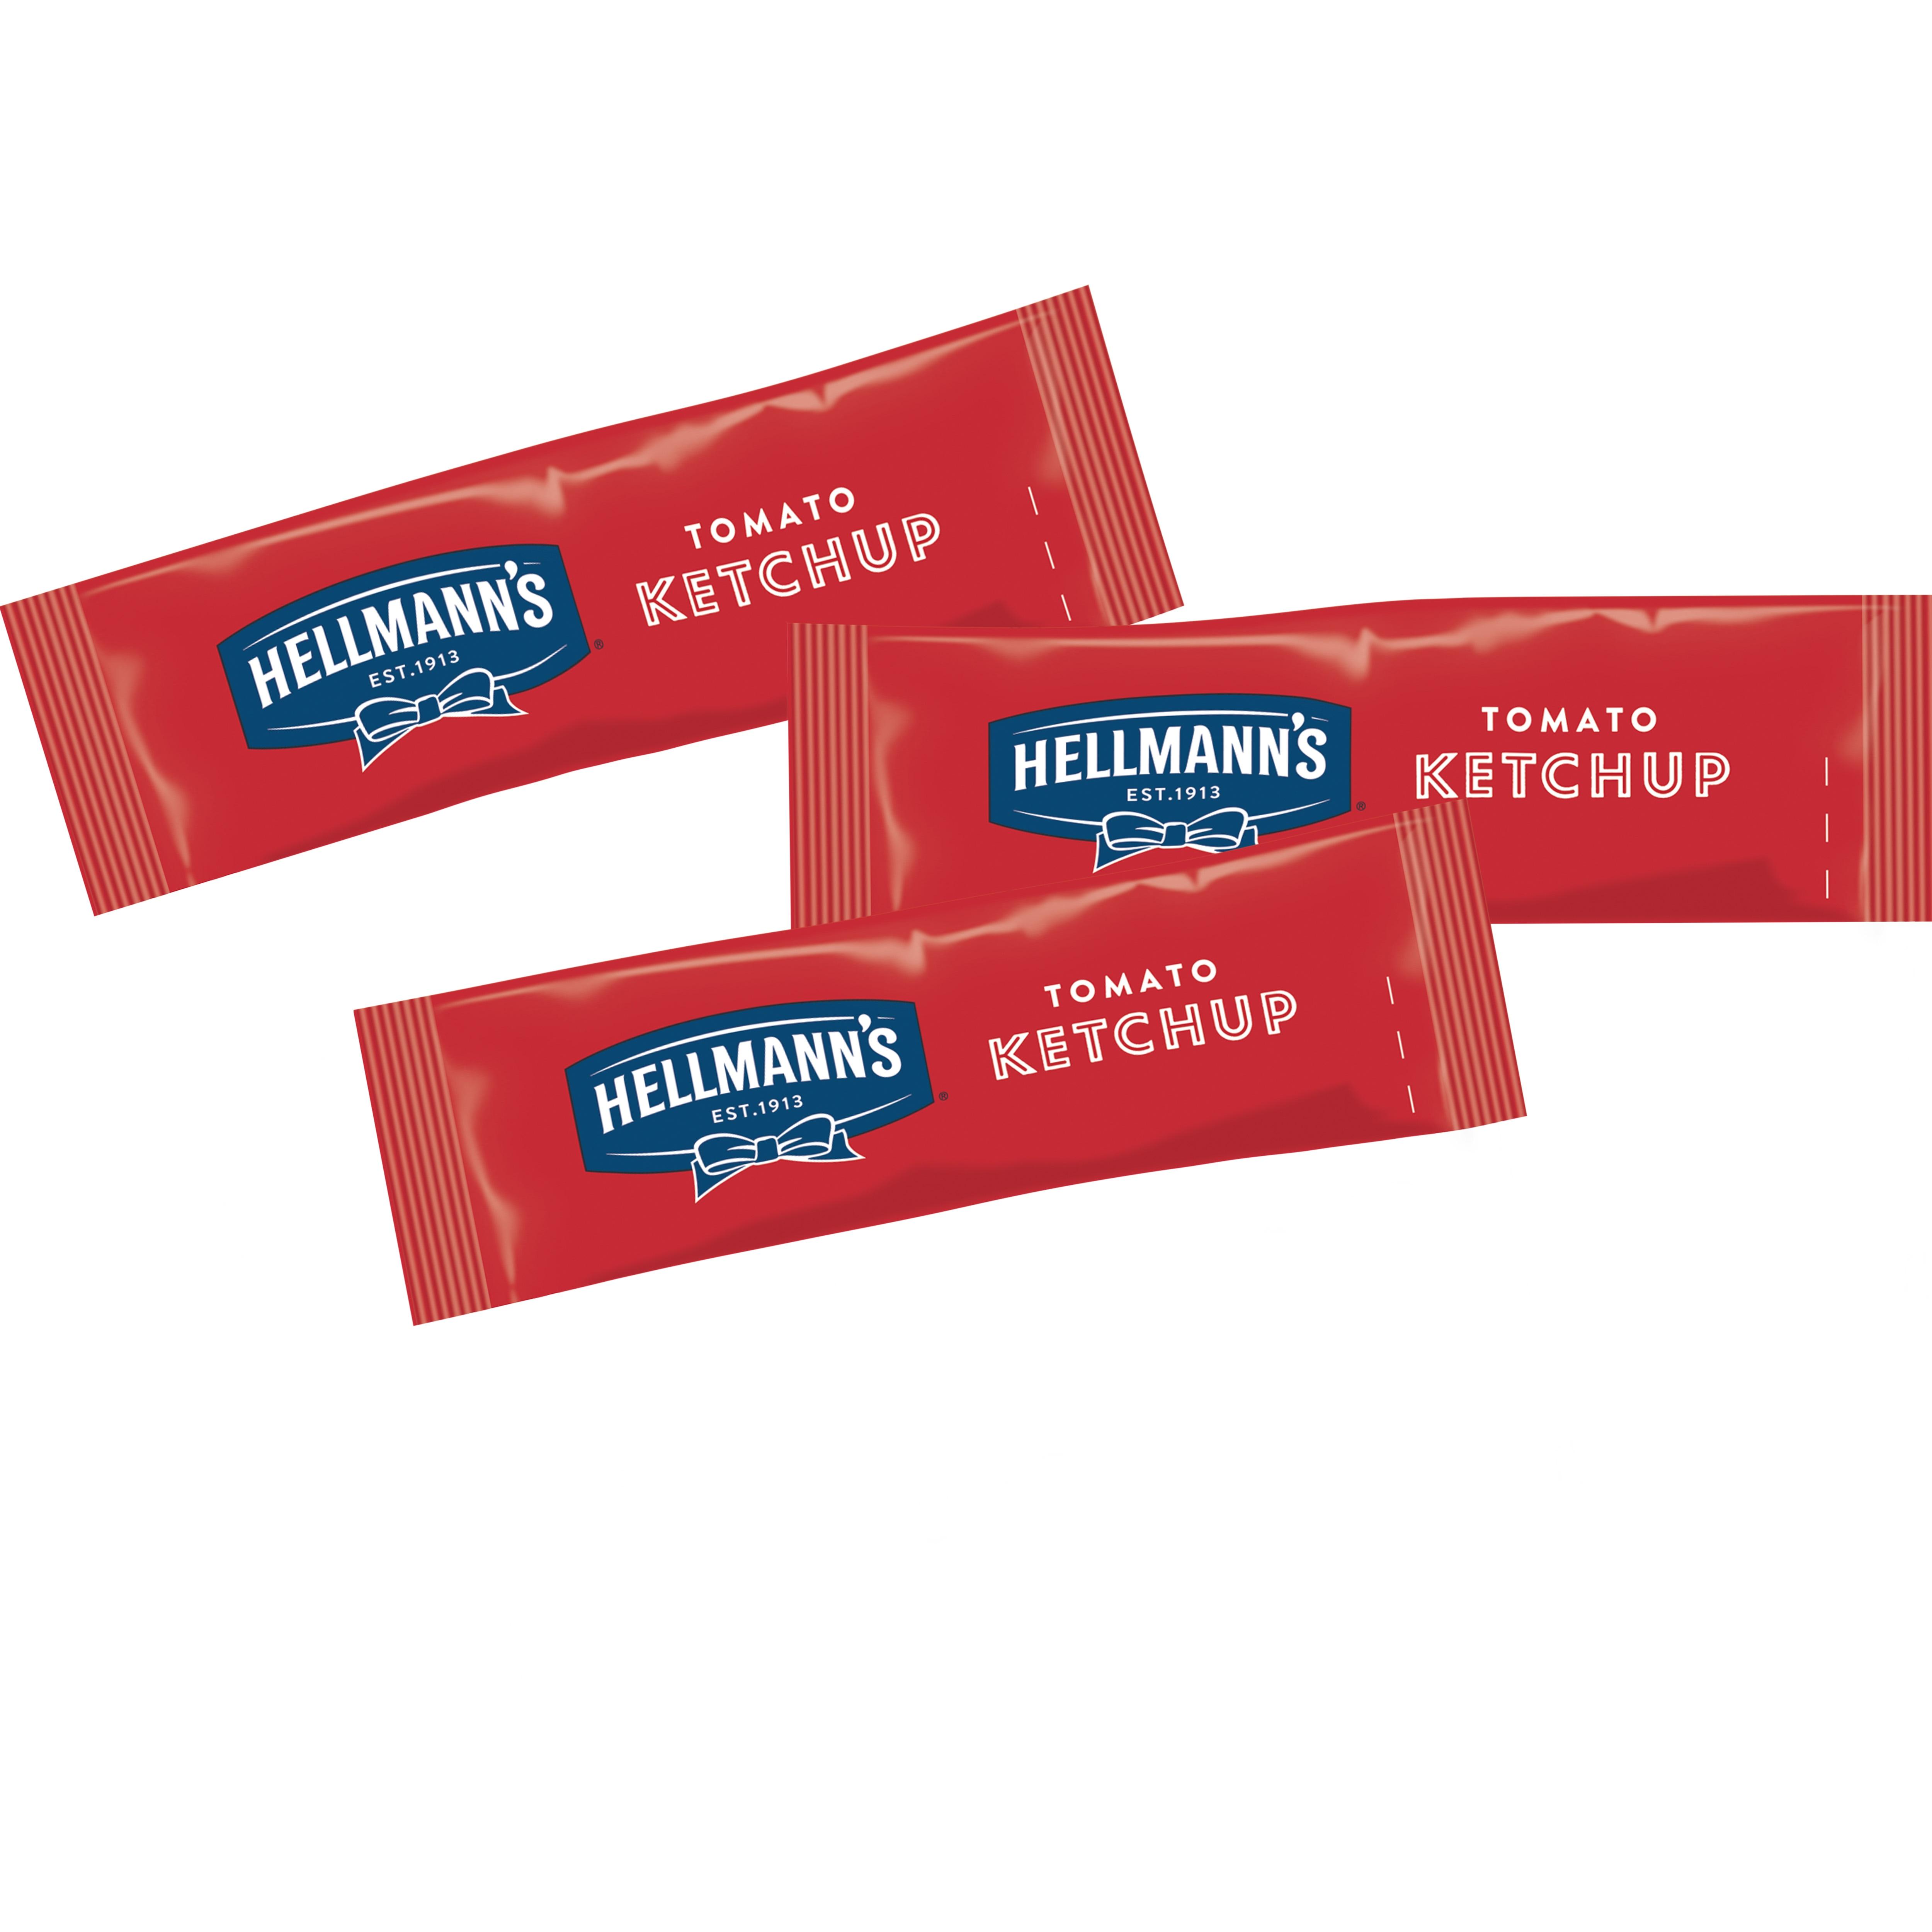 Hellmann's Ketchup kuvert 198 x 10 ml -